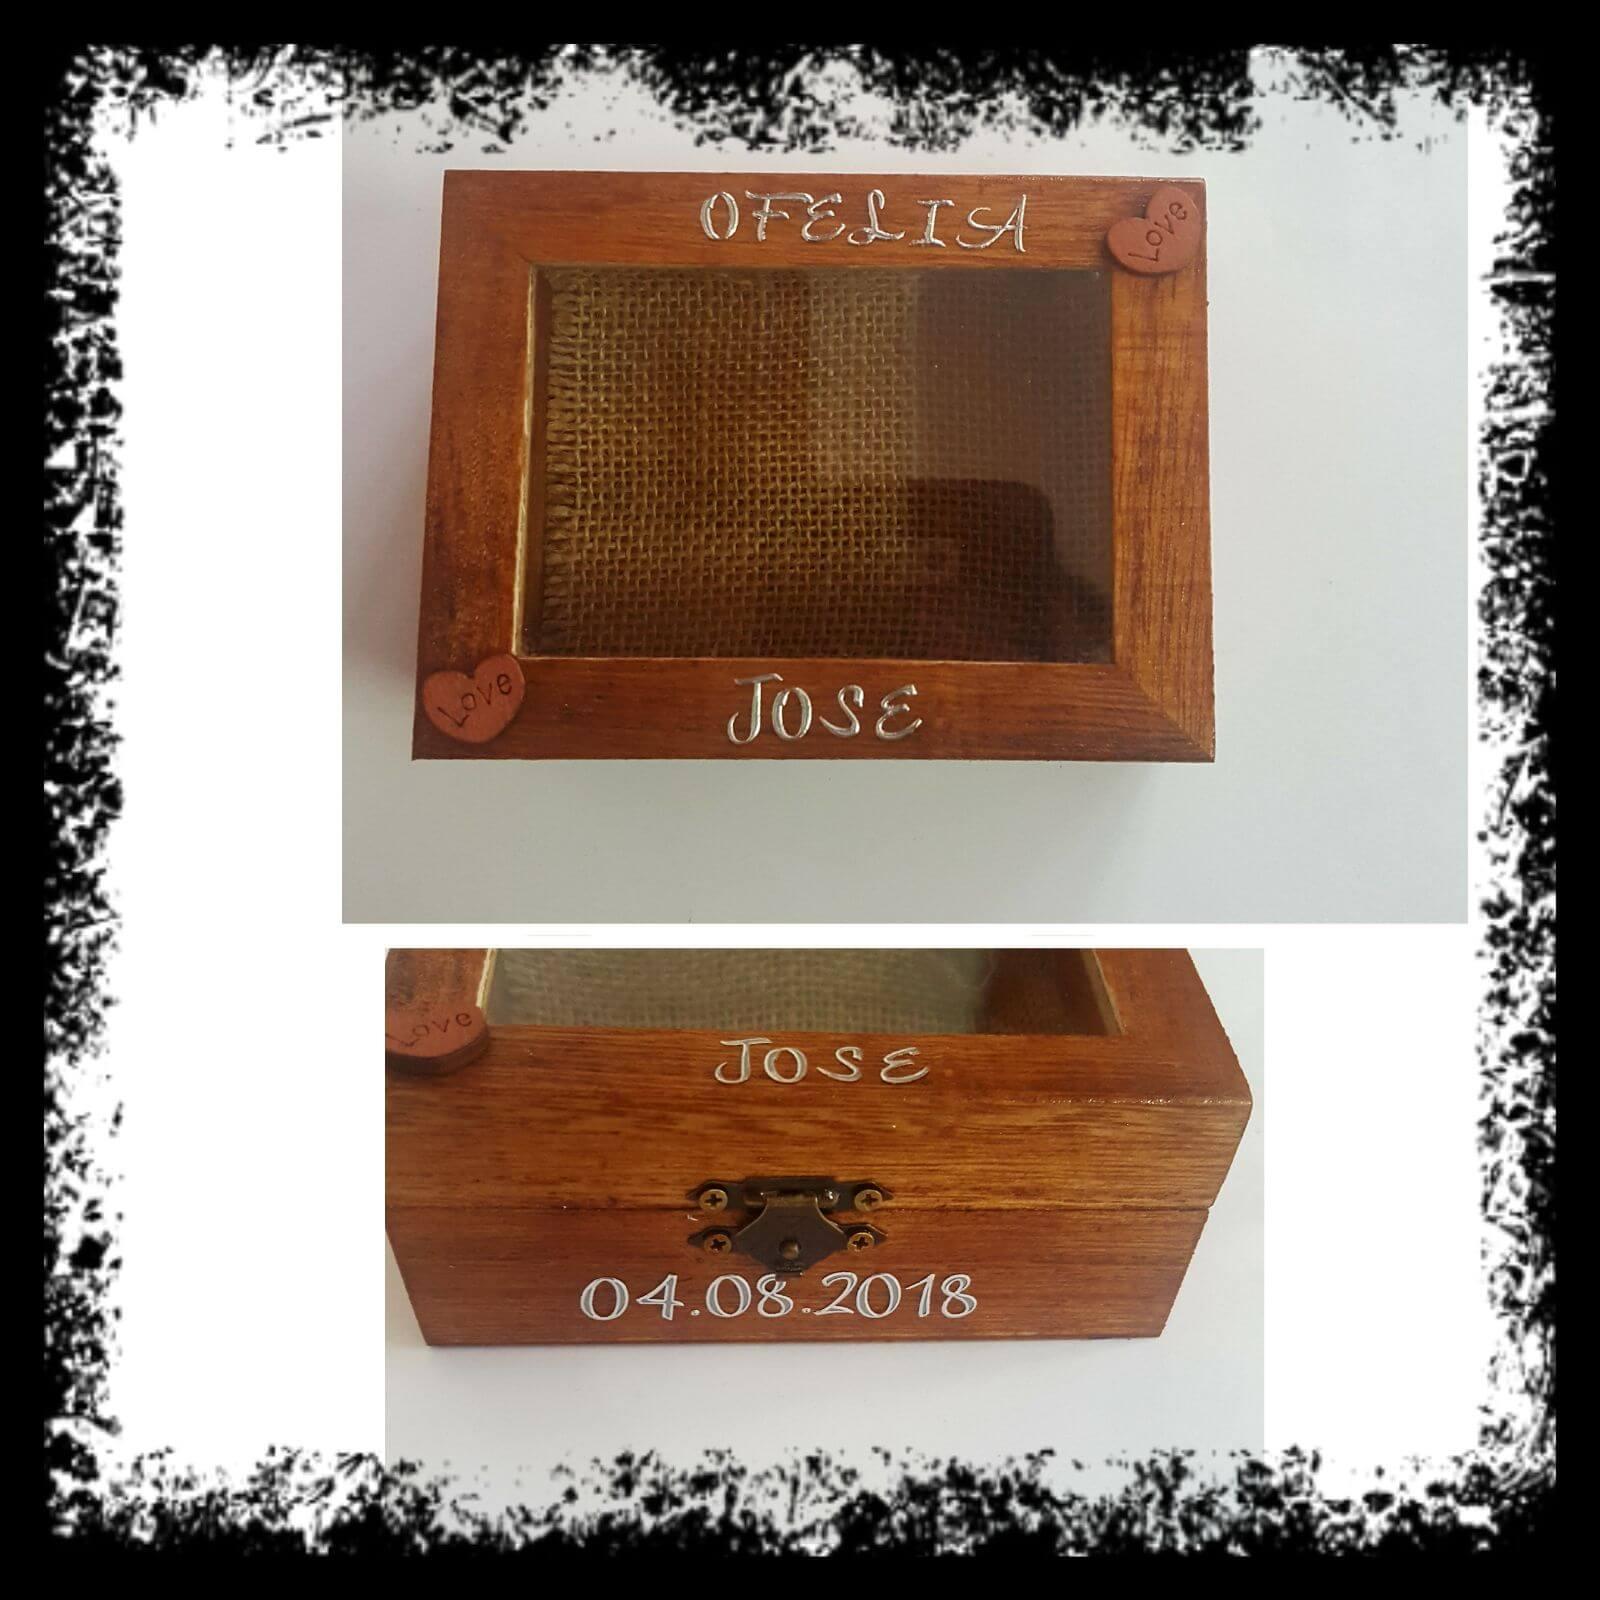 cajas de madera para arras cajas de madera para arras - cajas para arras 6 - Cajas de madera para arras – Caja para arras